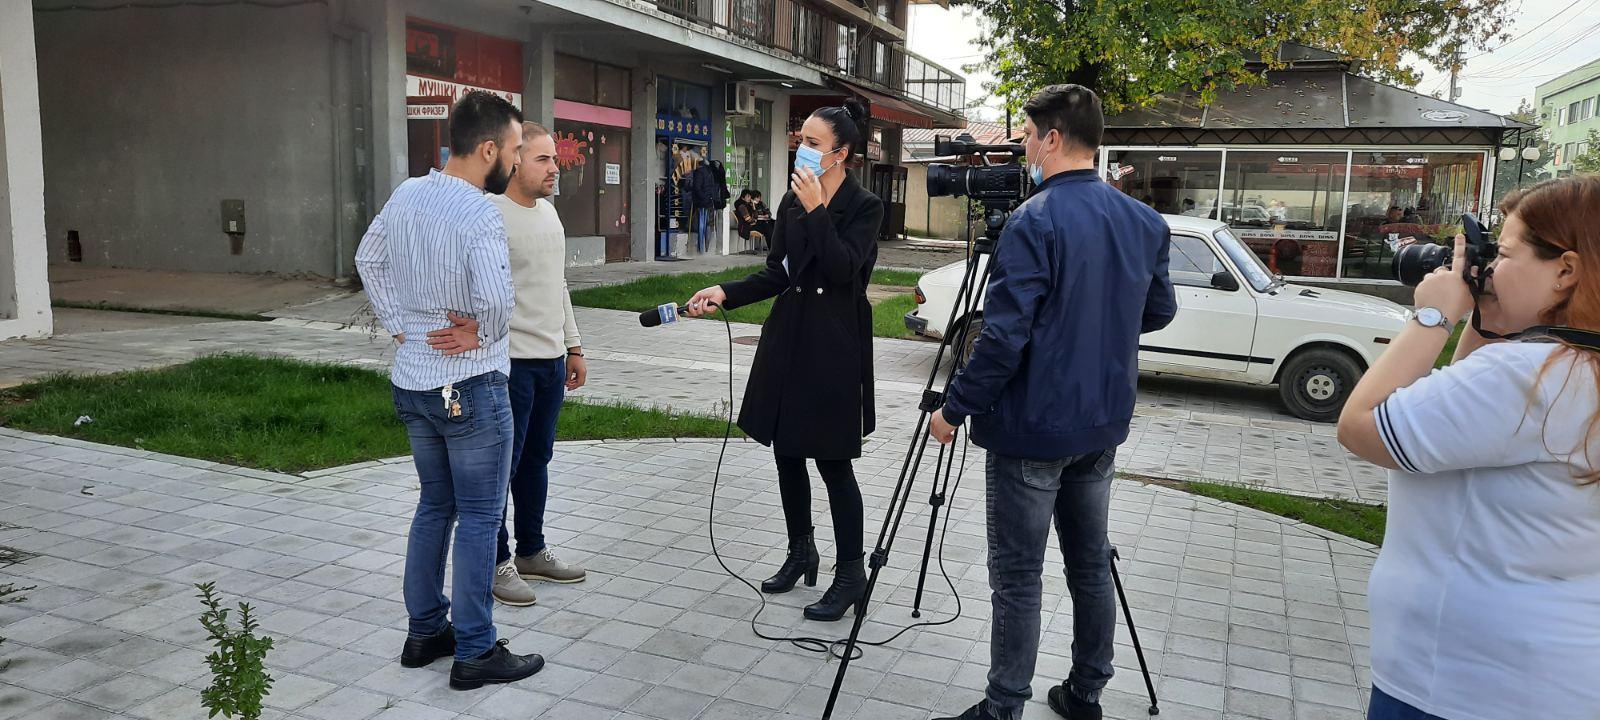 """U organizaciji """"Okulara"""" u Ćićevcu realizovani treninzi """"Osnova medijske pismenosti"""" i """"Korupcija ima alternativu"""""""